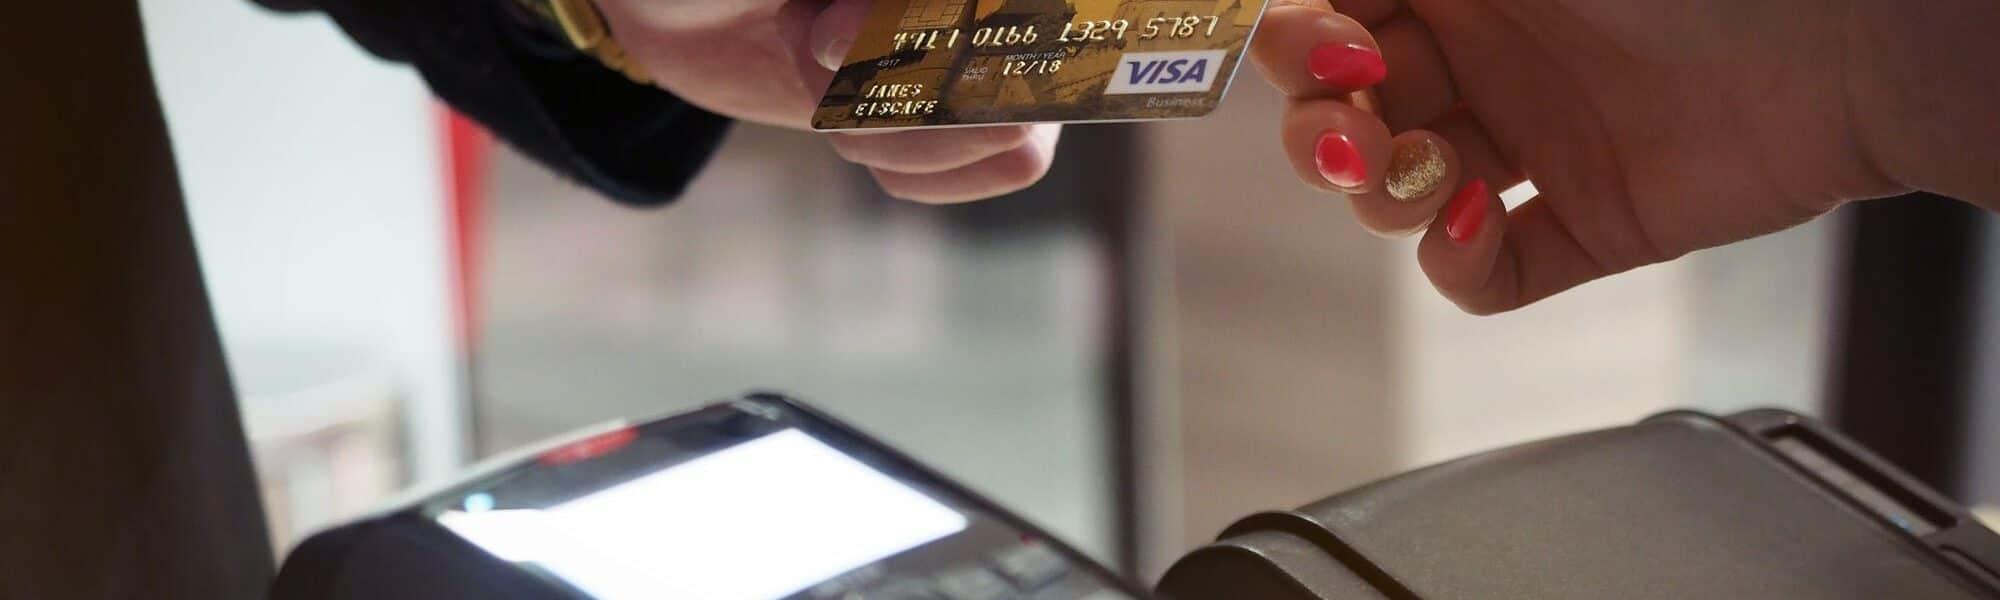 Secrets de fabrication d'une carte bancaire & innovations